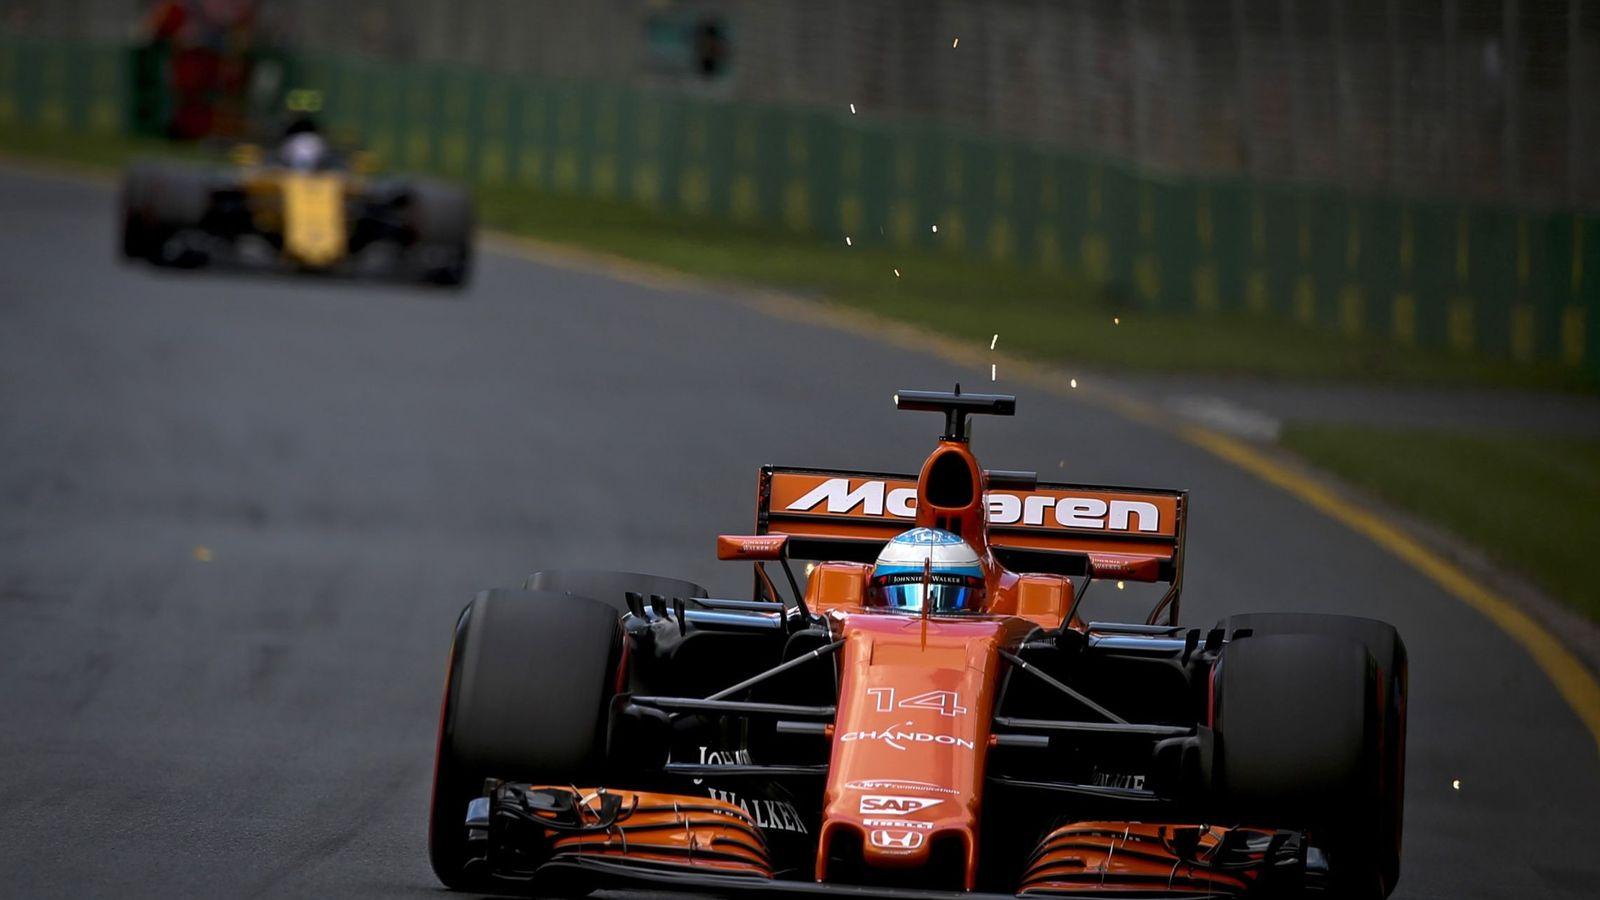 Foto: Fernando Alonso saldrá este domingo desde la 13ª posición de la parrilla con su McLaren. (Reuters)